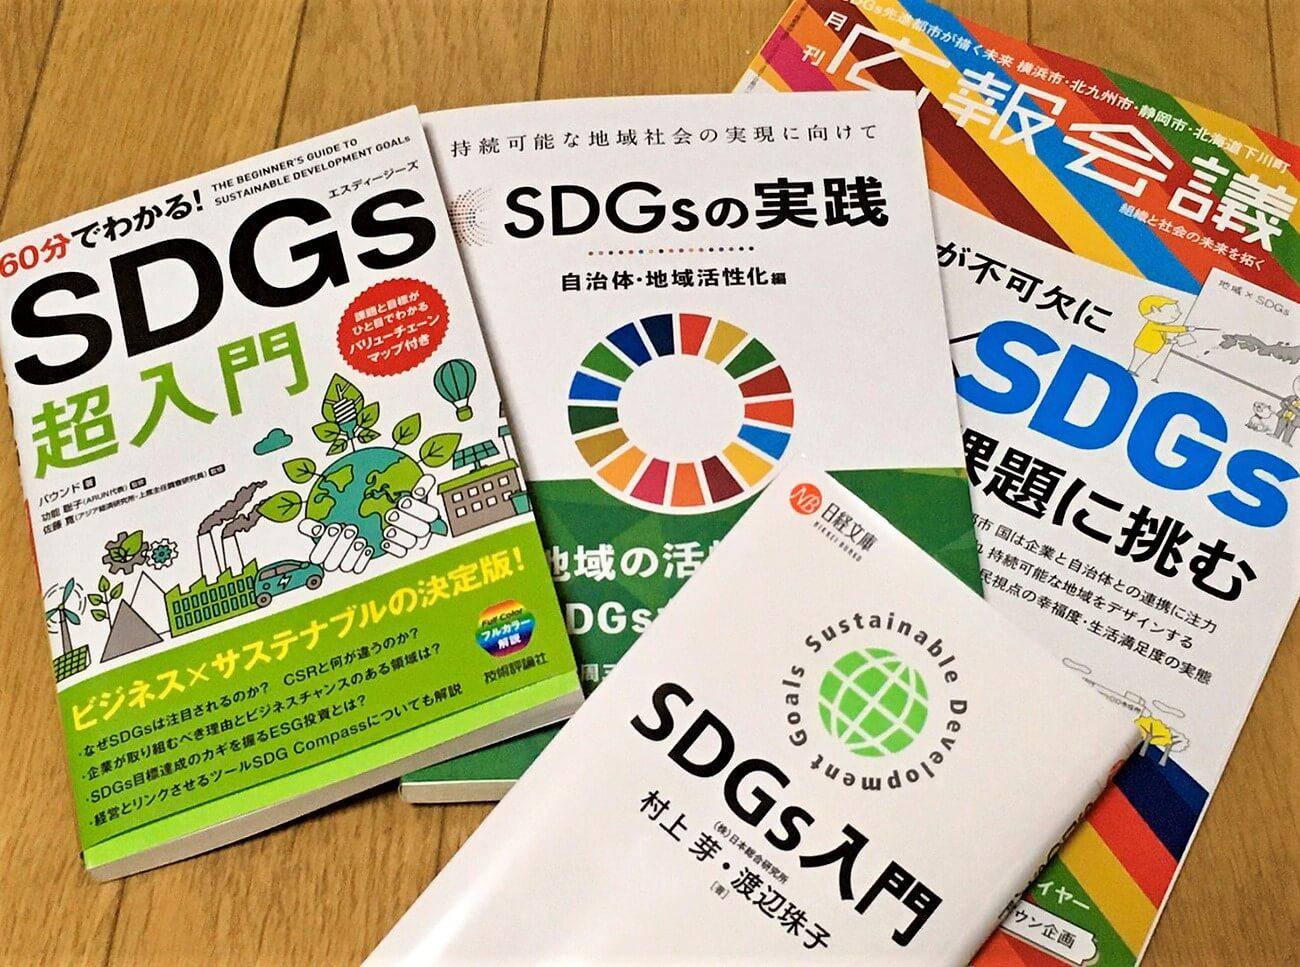 SDGs おすすめ本